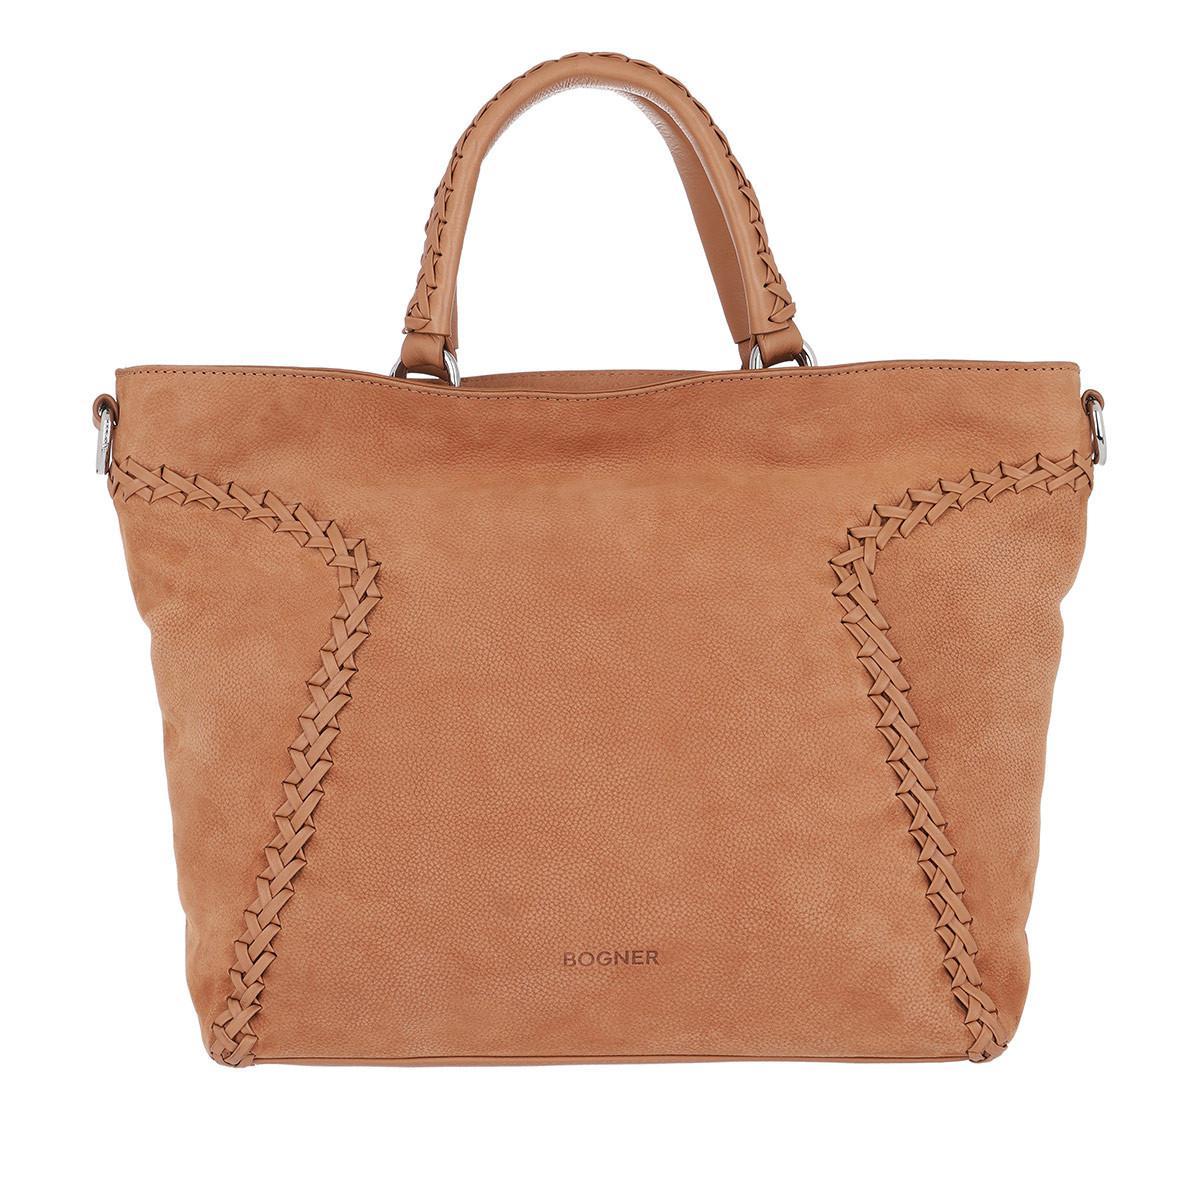 Womens Alma Handbag Bogner 6fSKrl0EFO